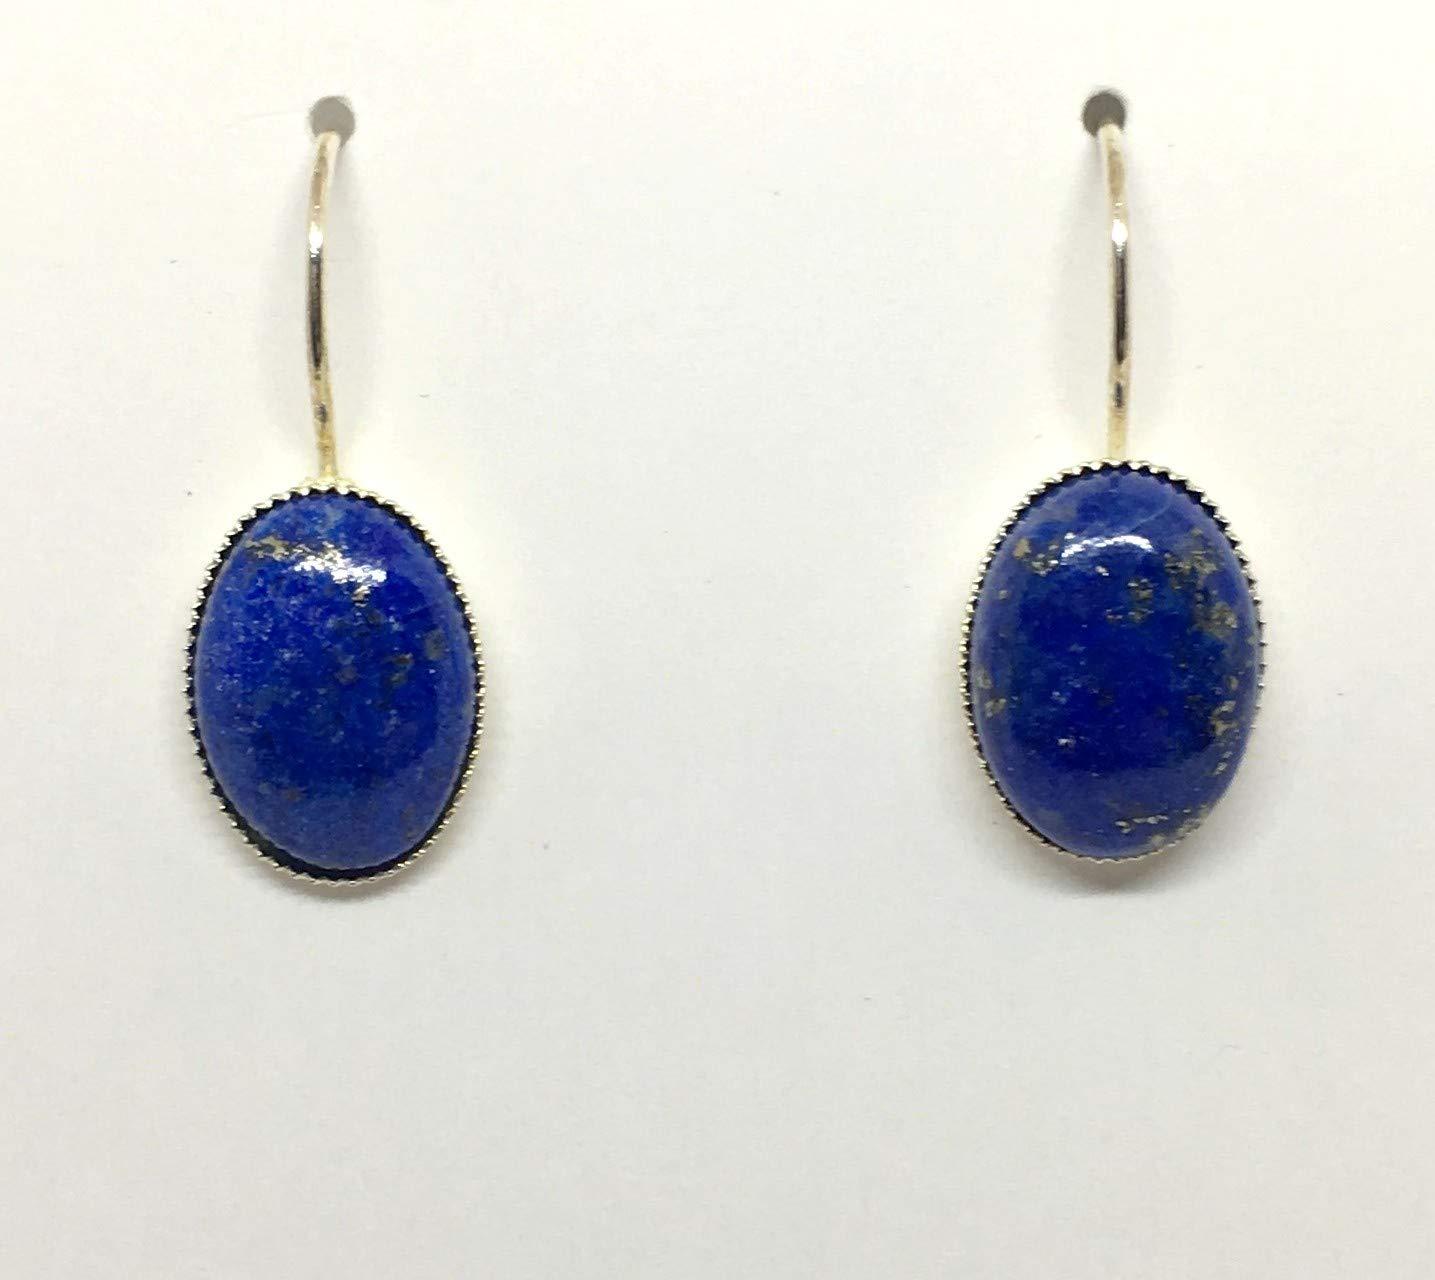 Lapis Lazuli Earrings Blue Lapis Earrings Sterling Silver Cube Threader Earrings Minimalist Jewelry Blue Stone Earrings Modern Boho Gifts